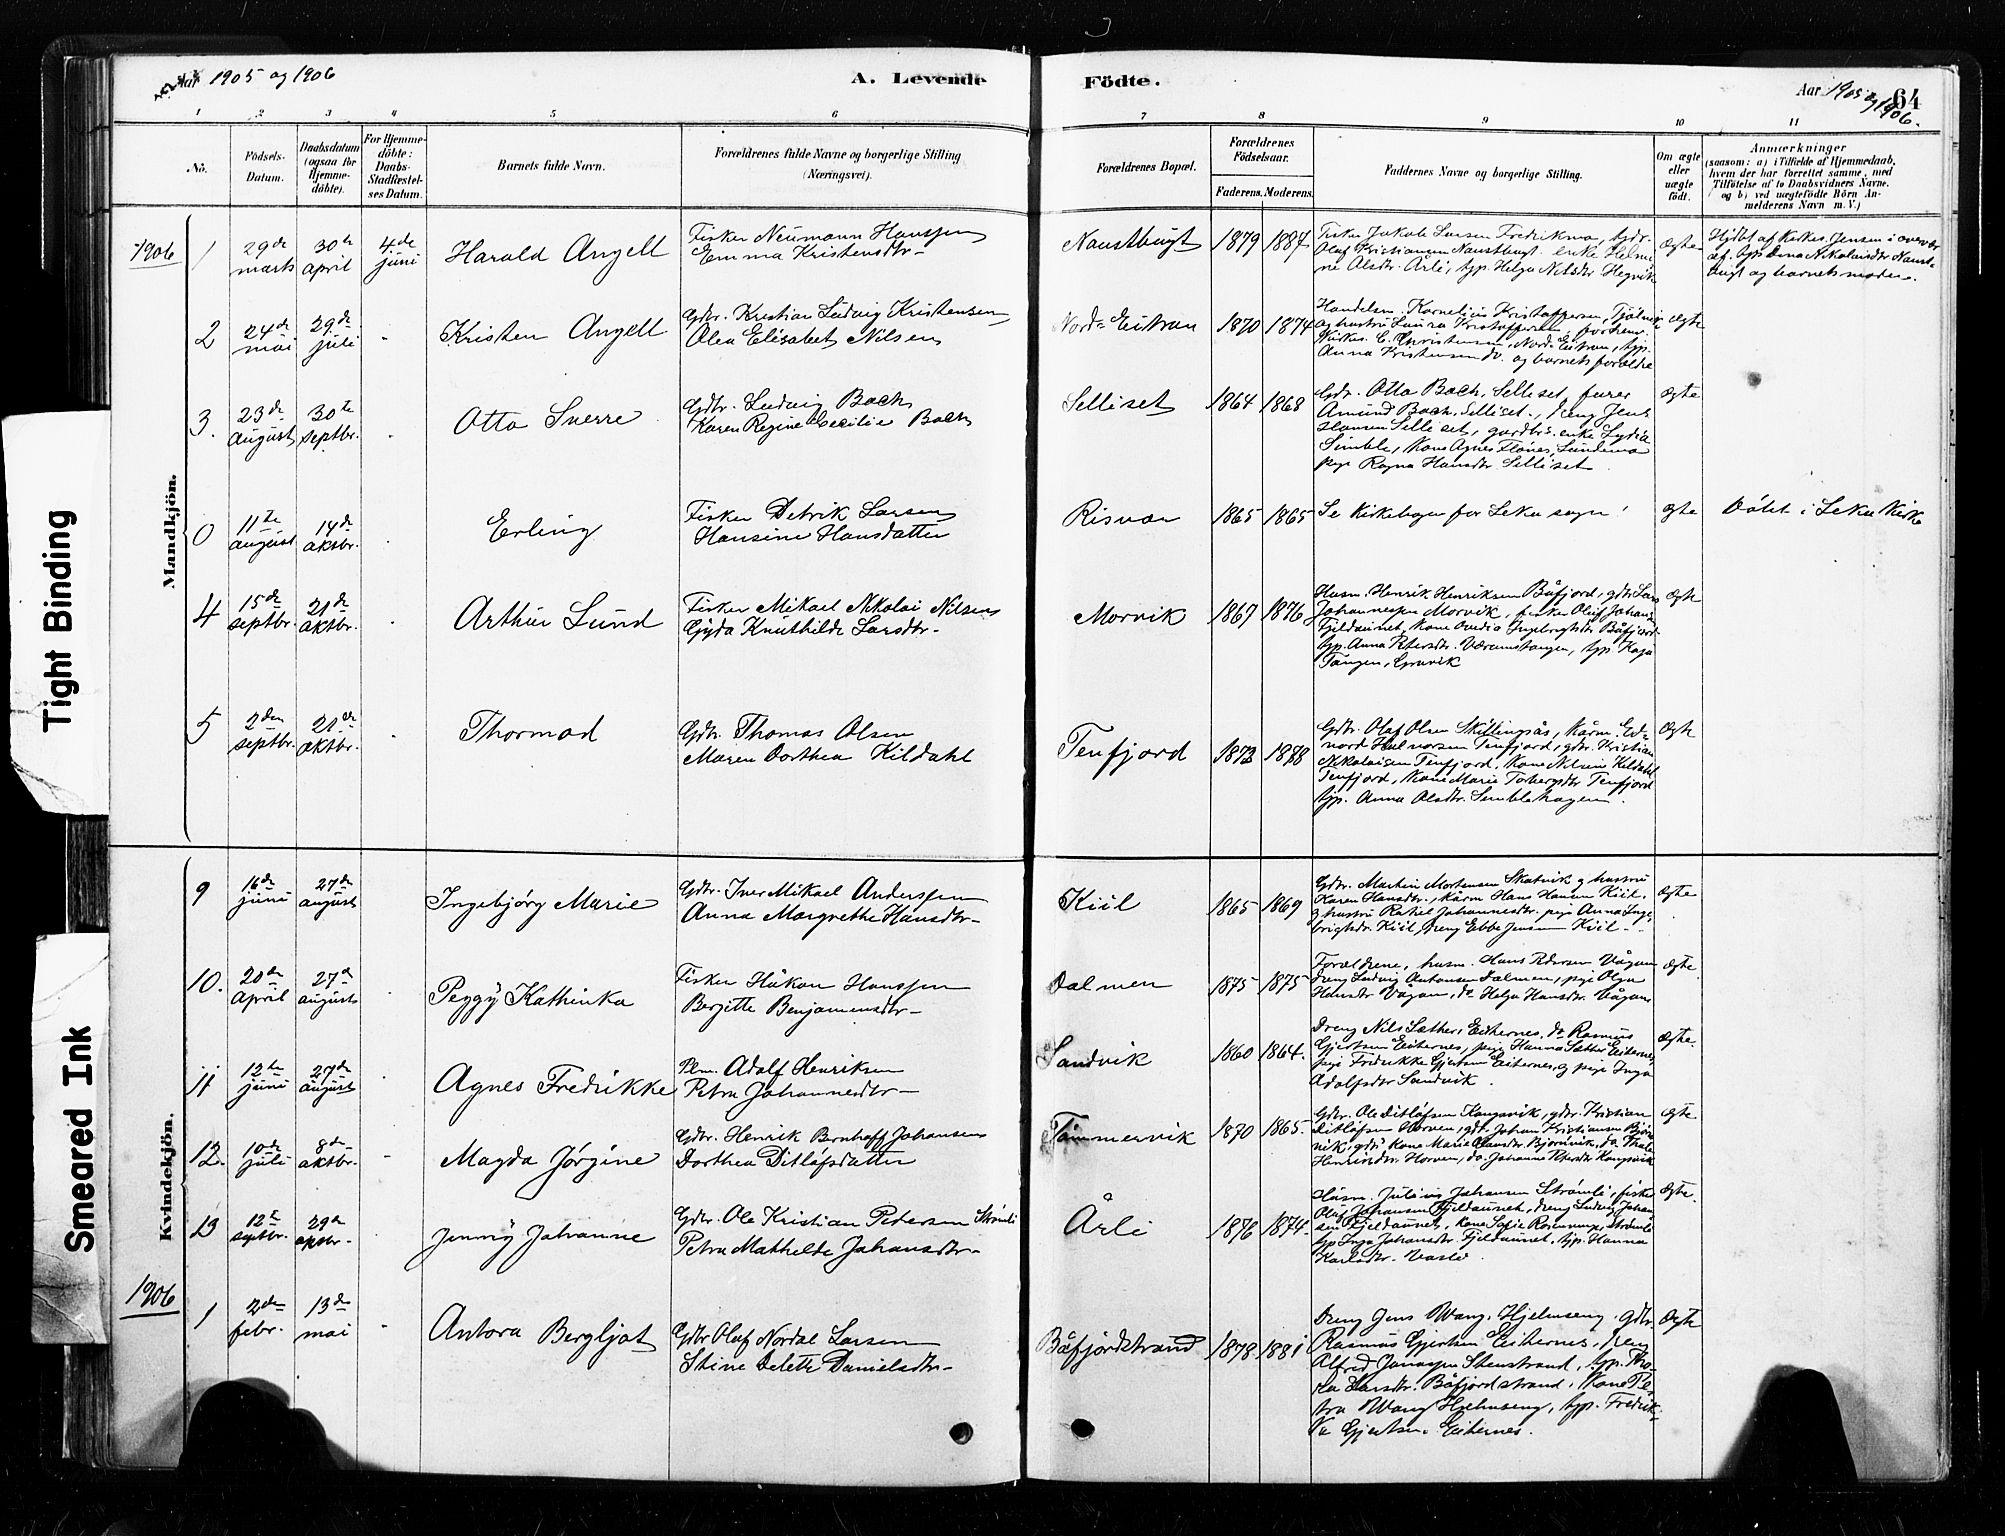 SAT, Ministerialprotokoller, klokkerbøker og fødselsregistre - Nord-Trøndelag, 789/L0705: Ministerialbok nr. 789A01, 1878-1910, s. 64